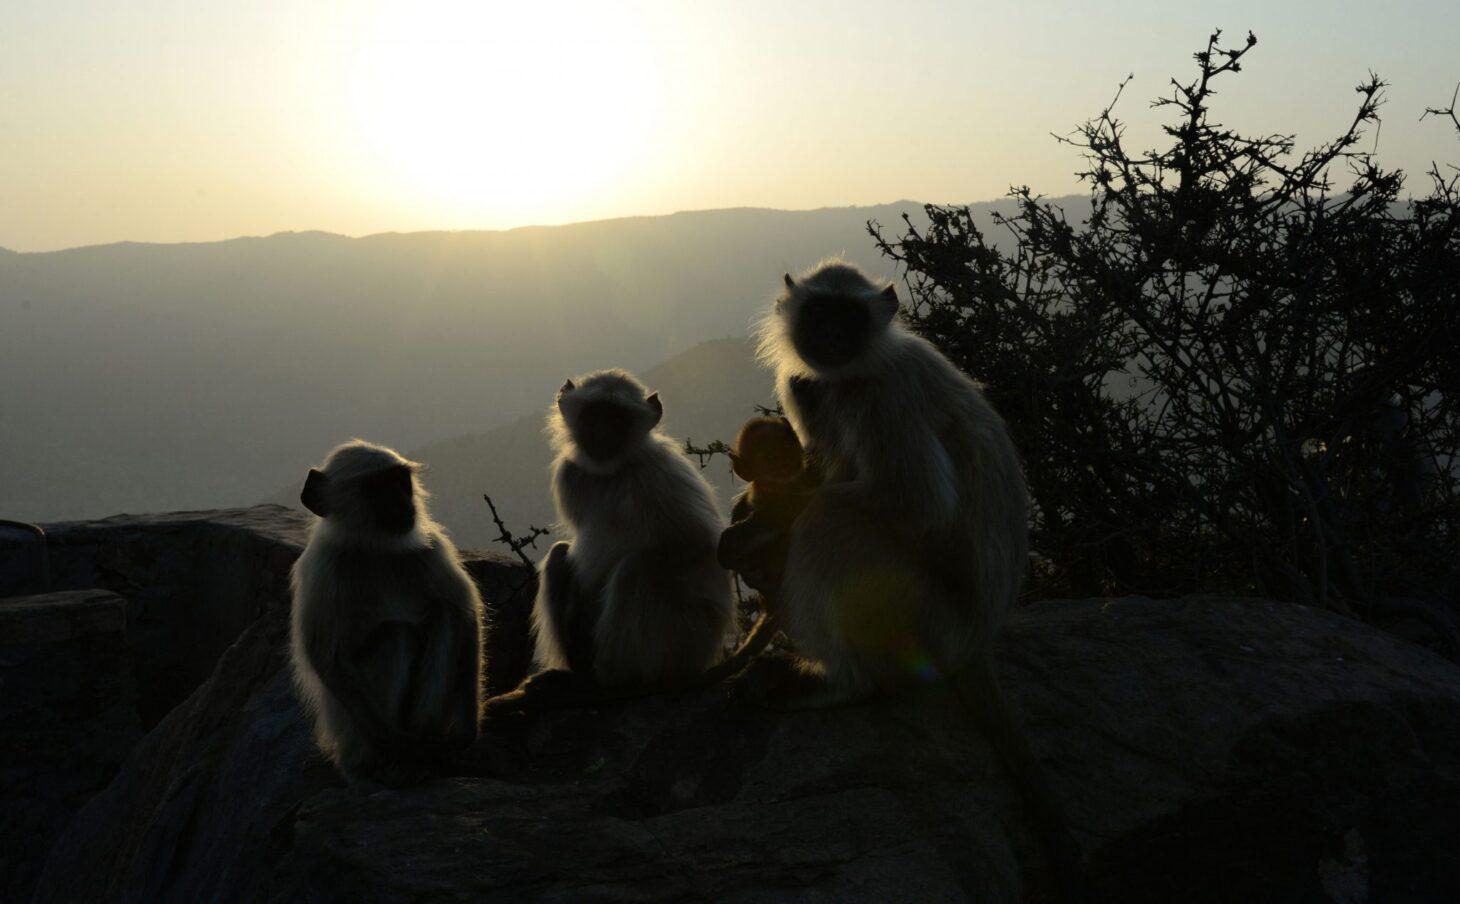 Monkeys at sunrise, Pushkar